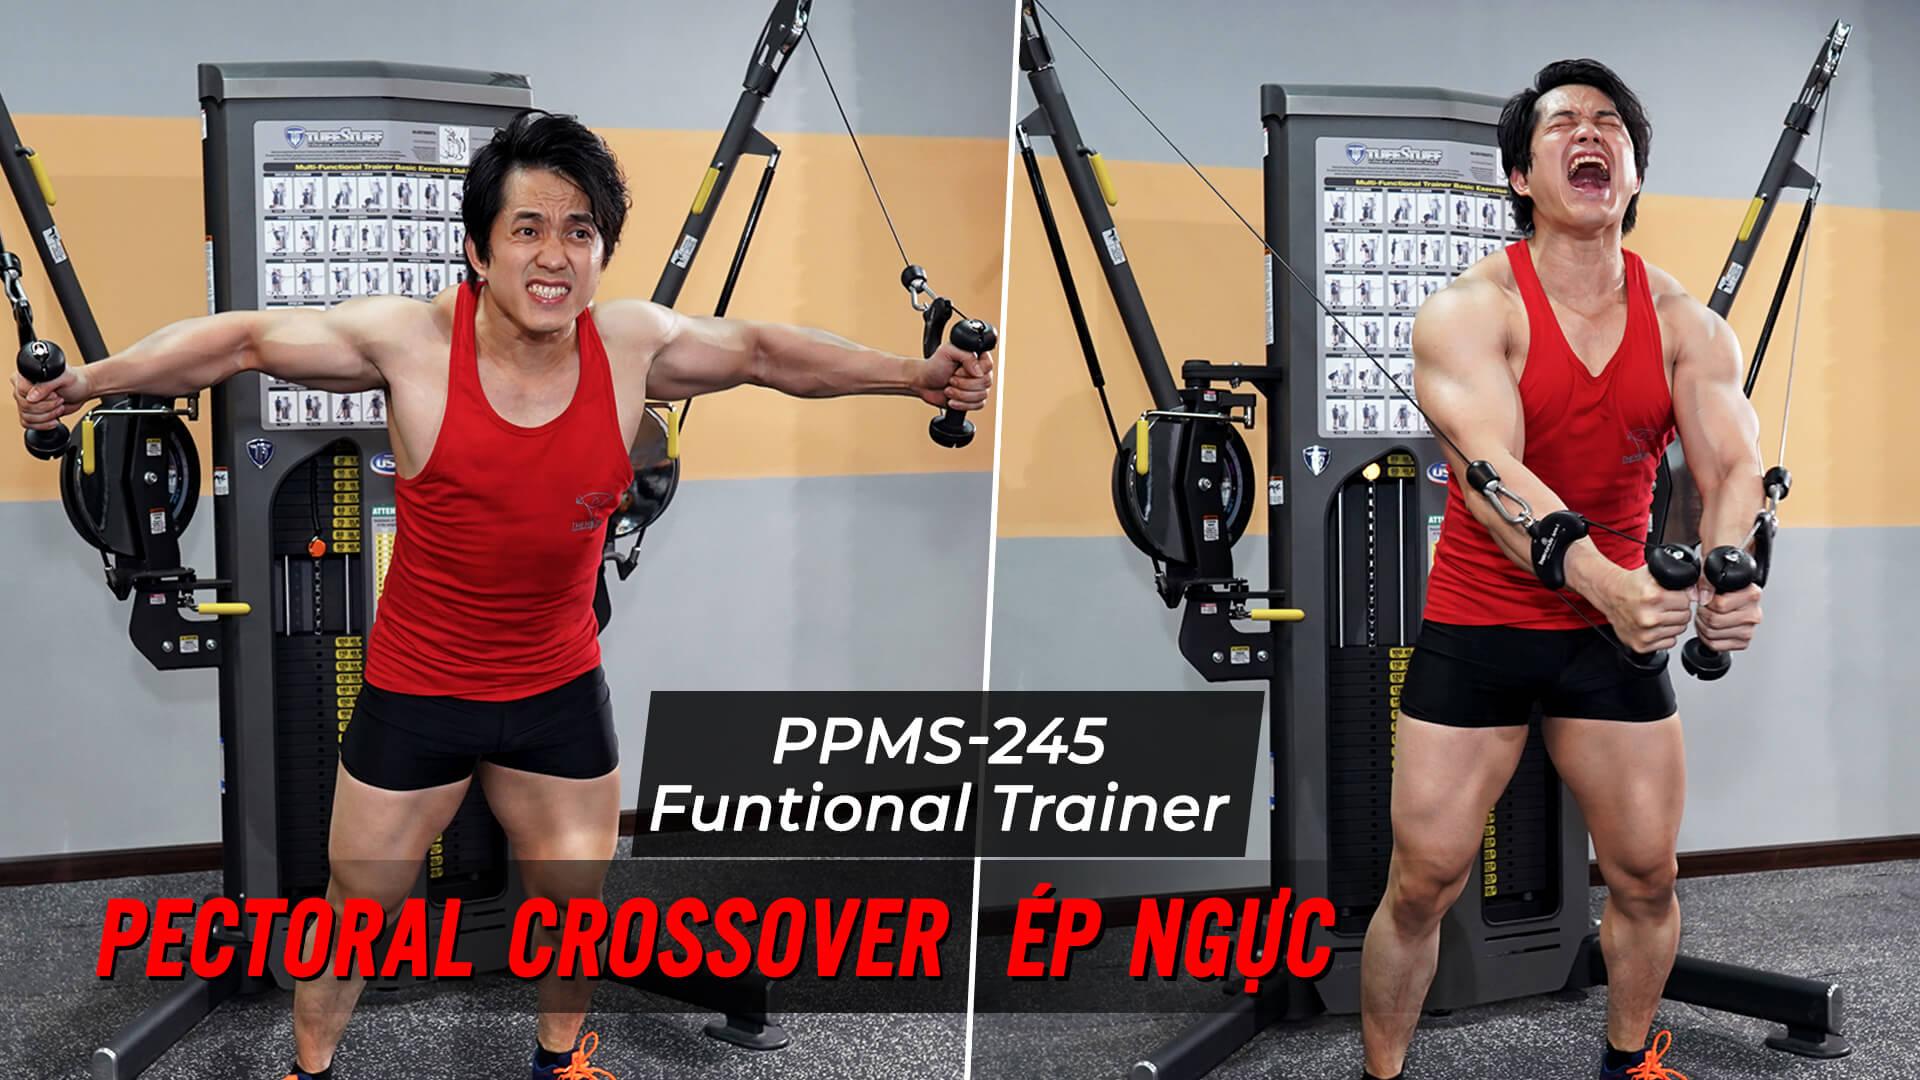 Pectoral Crossover - Ép ngực ngang với dây cáp trên Functional Trainer